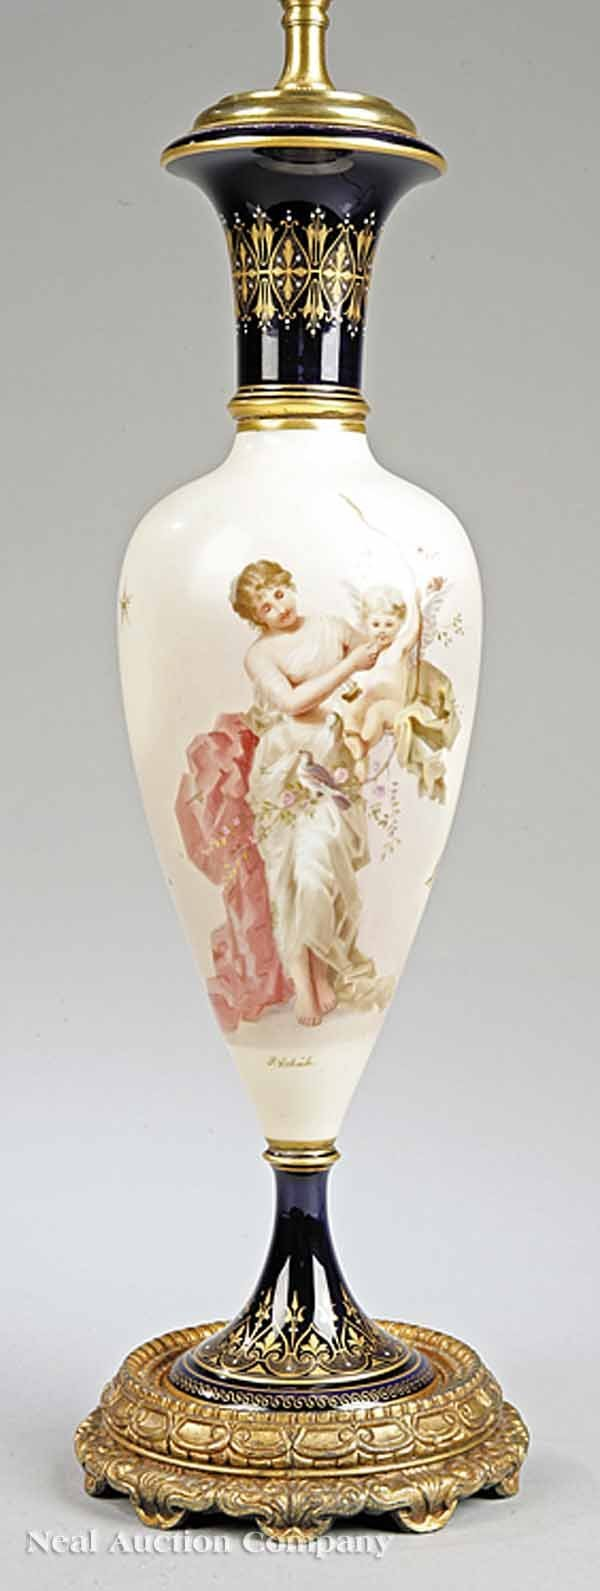 748: German Porcelain Vase Depicting Venus and Cupid